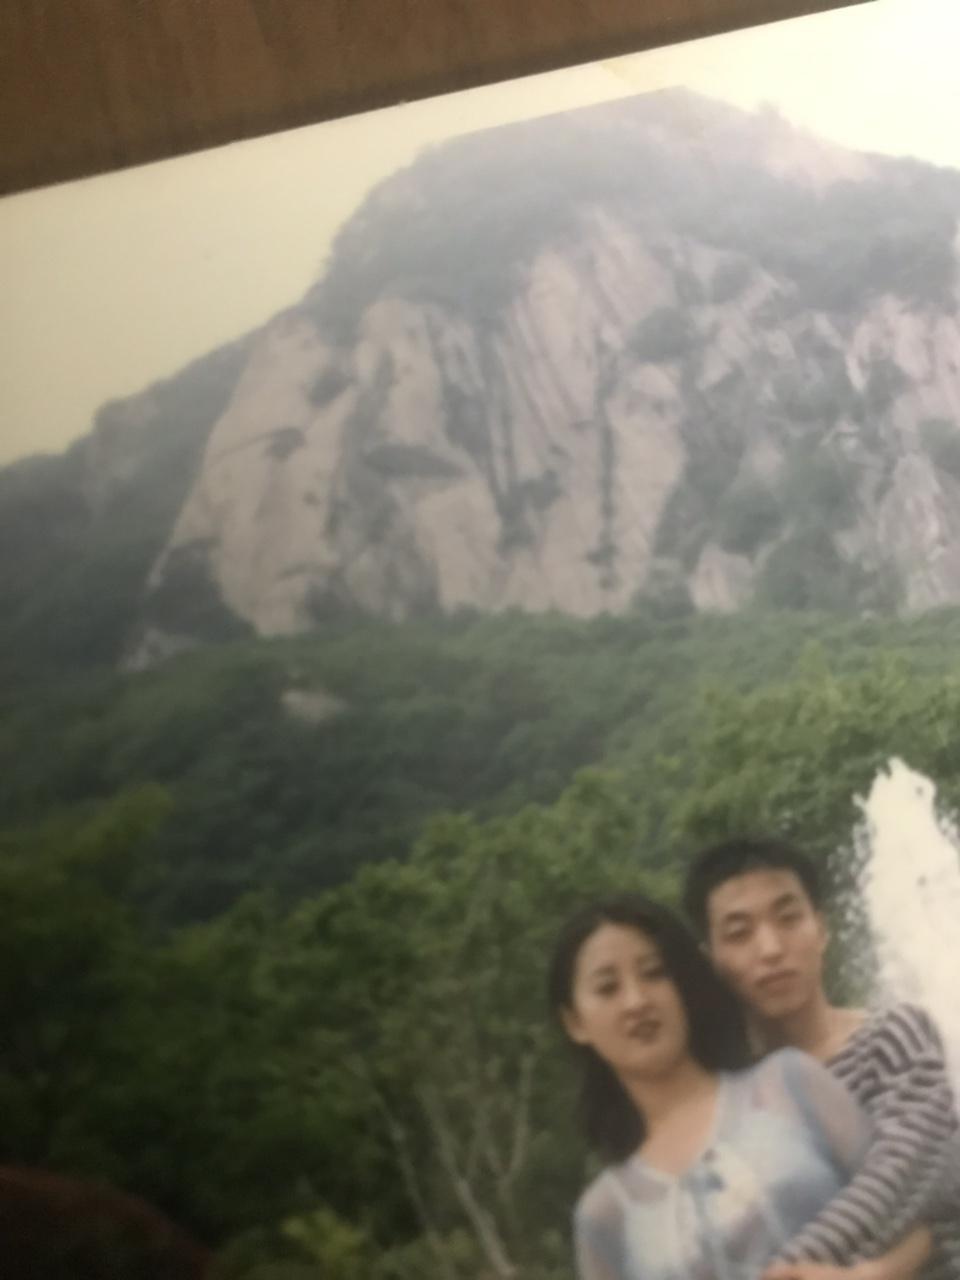 搞笑图片:许多年前的照片、今天刚看到有点惊悚!你们看到了吗????这是凤凰山.